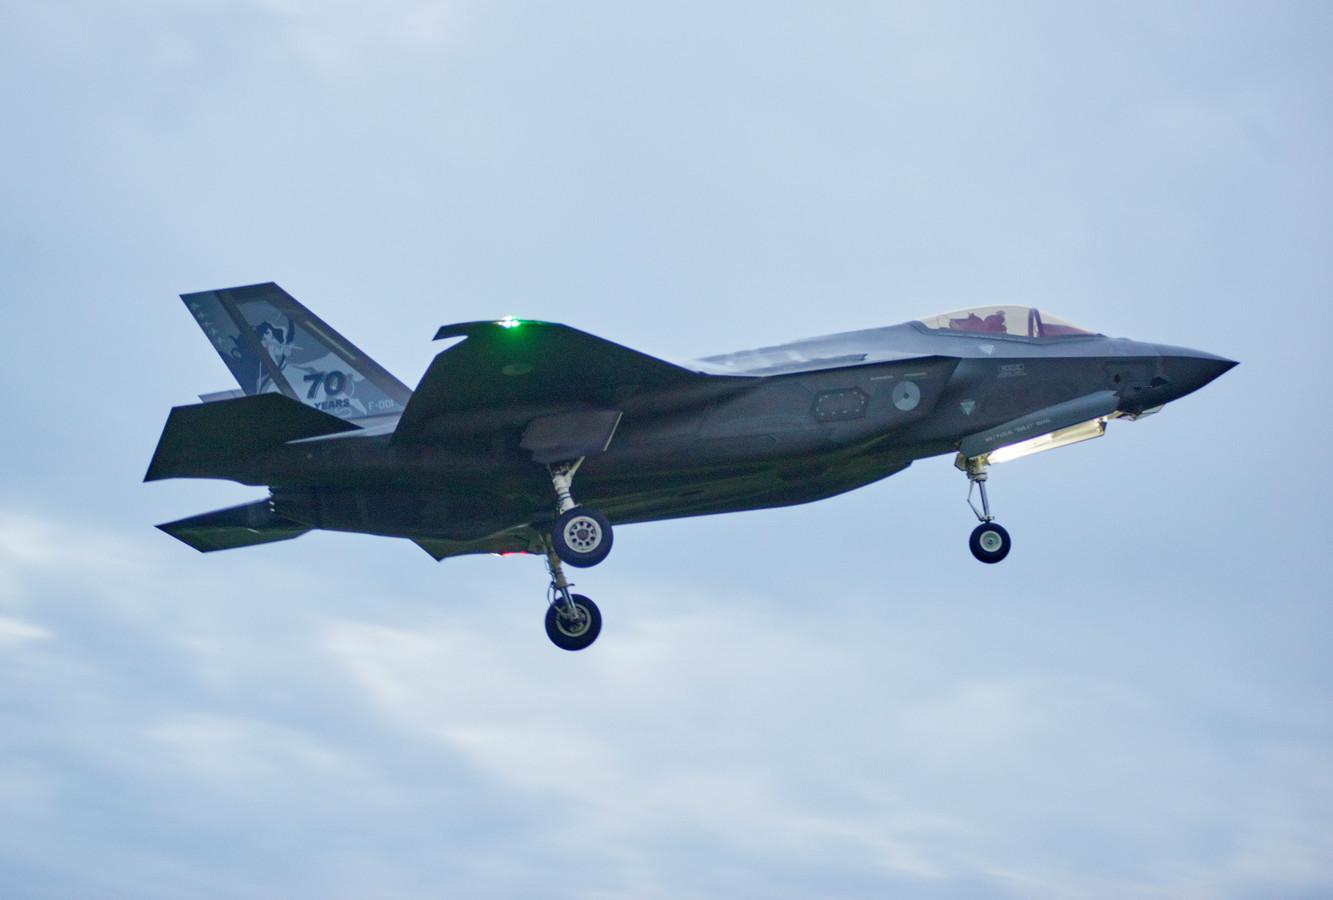 De F35 was te zien tijdens de Luchtmachtdagen in Volkel.